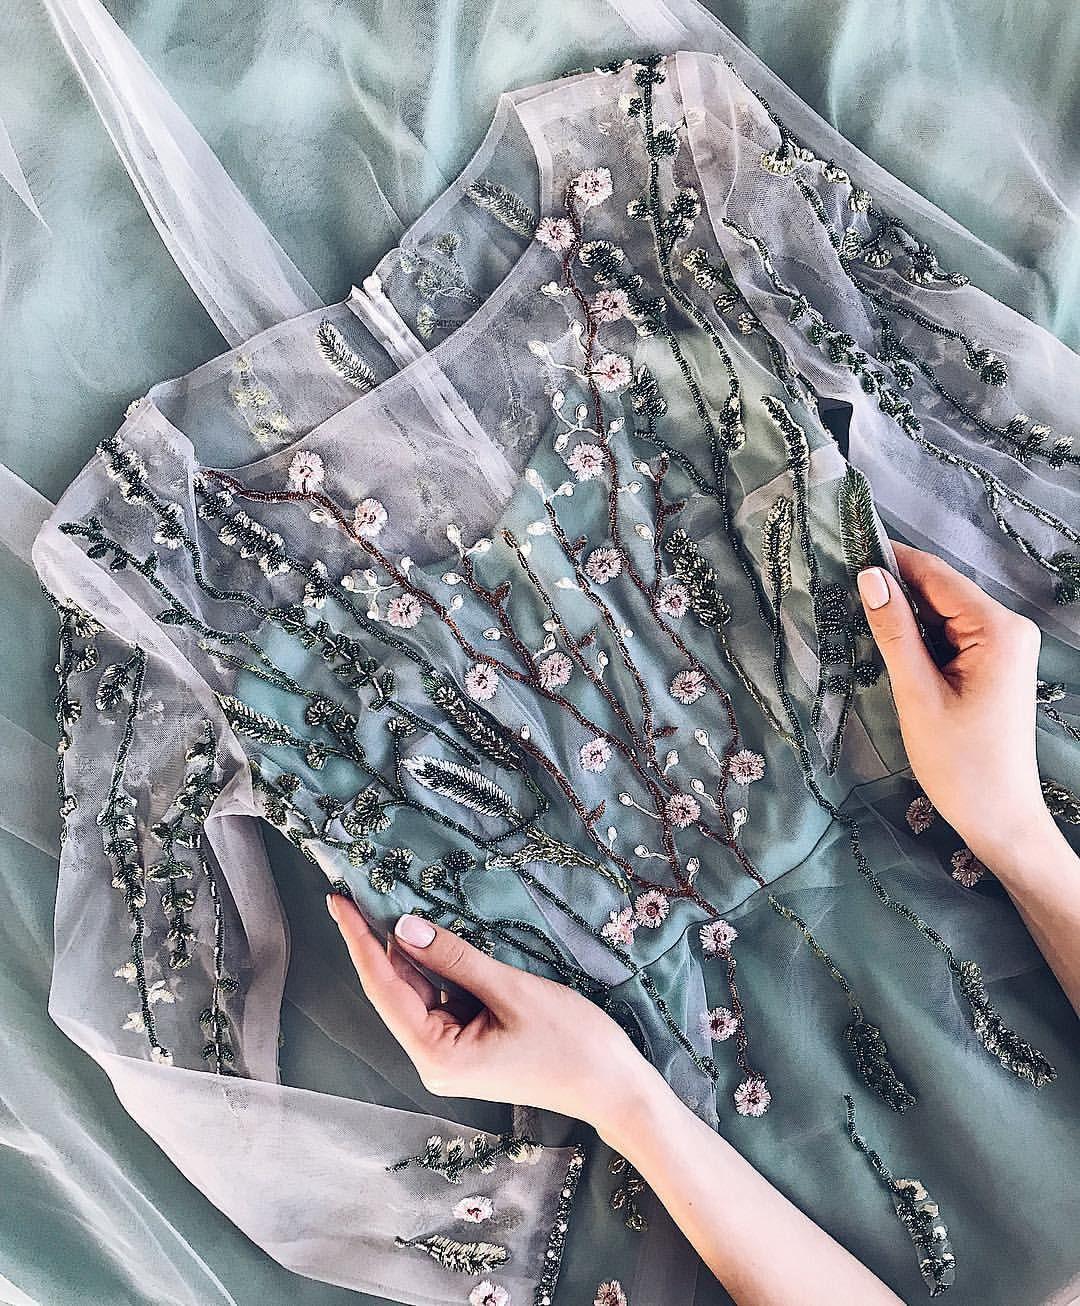 Свадебные платья СПБ в Instagram: «Сложно подсчитать ...